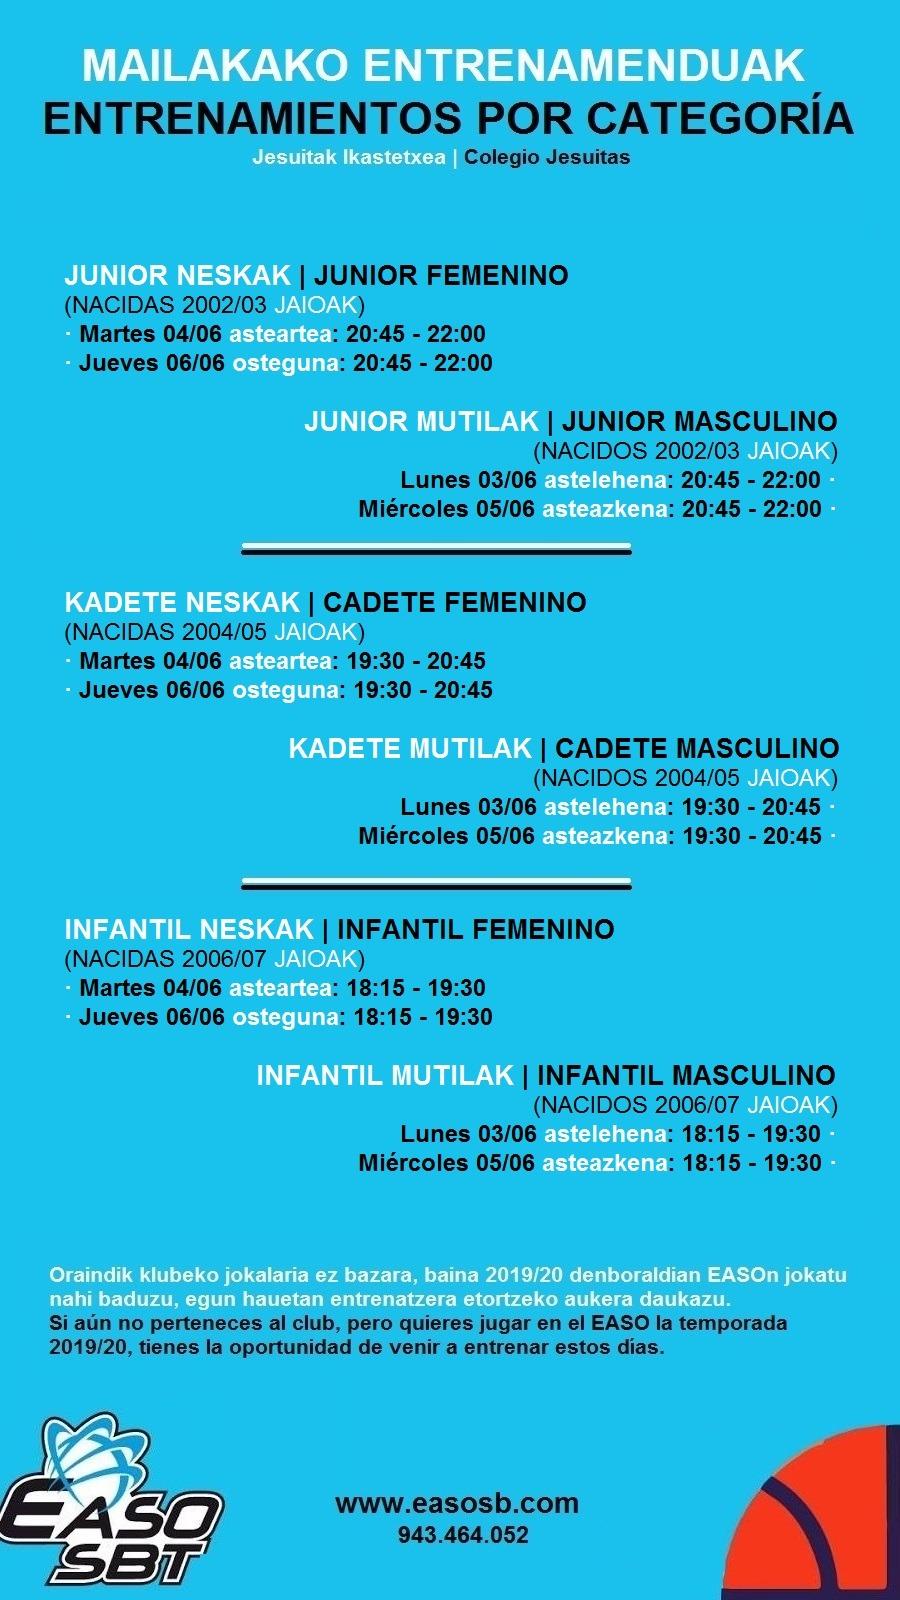 ENTRENAMIENTOS PUERTAS ABIERTAS 3-7 DE JUNIO